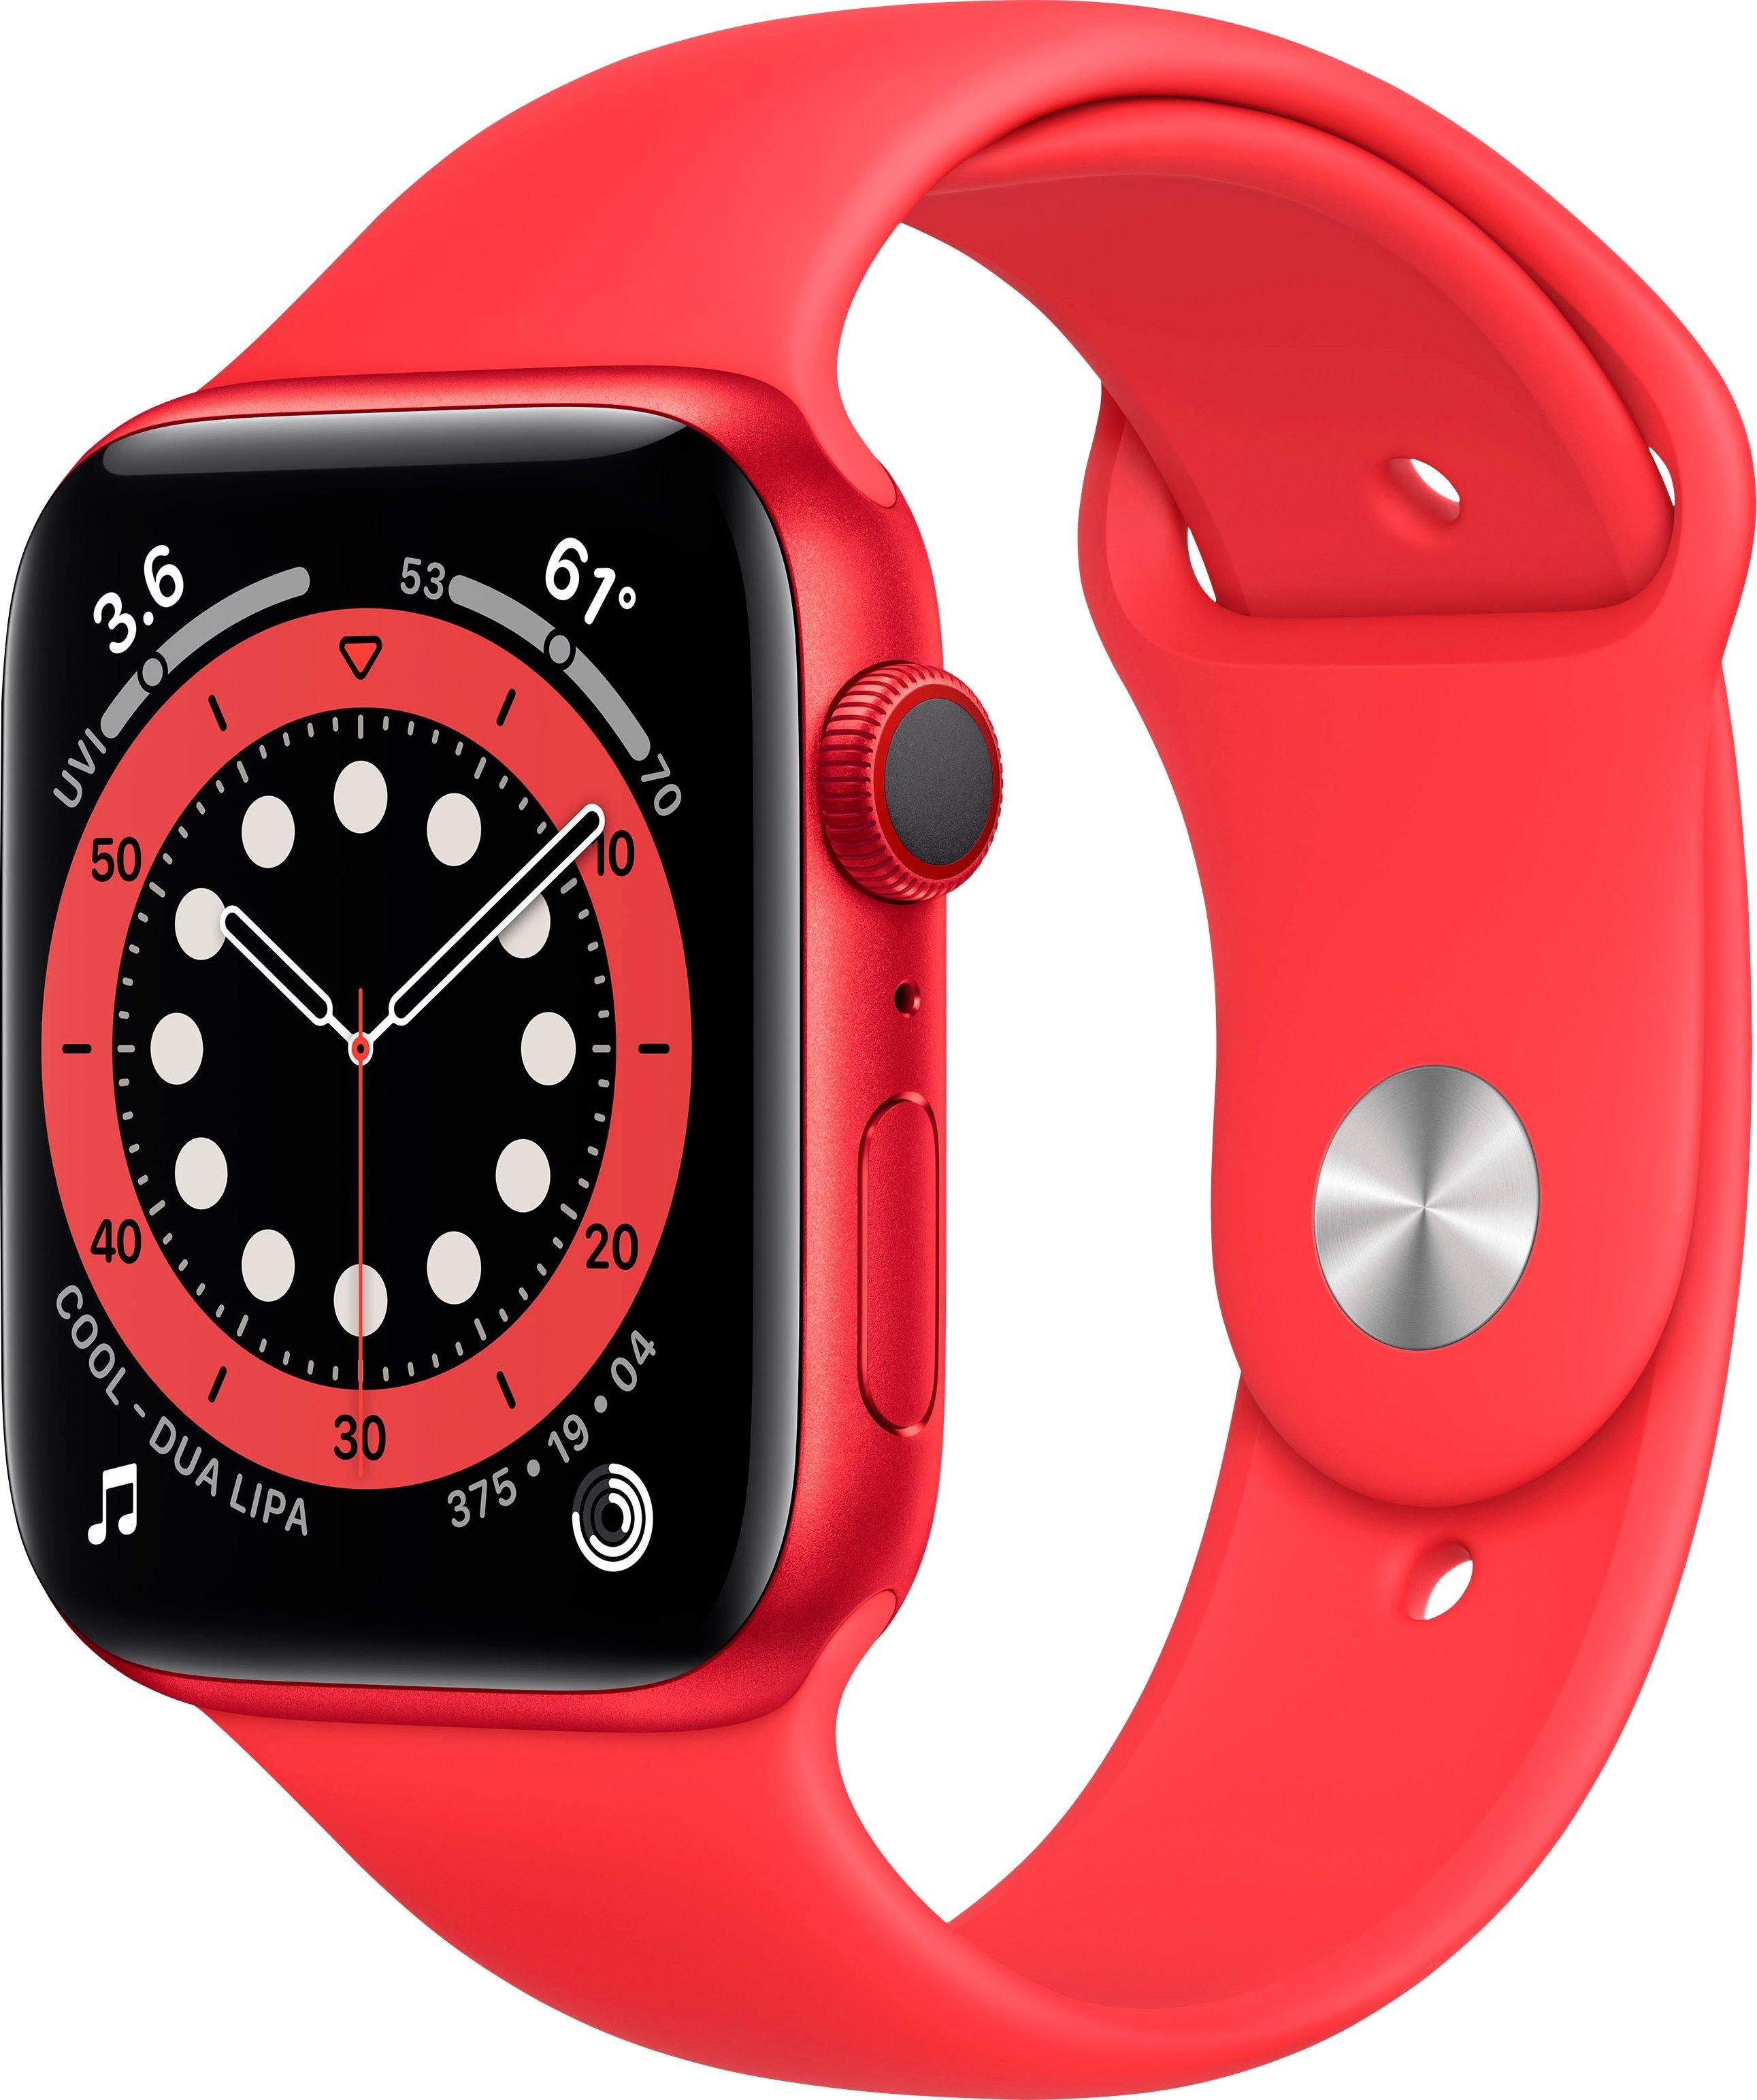 Apple Watch Series 6 gps + Cellular, aluminiumbehuizing met sport 44 mm inclusief oplaadstation (magnetische oplaadkabel) in de webshop van OTTO kopen